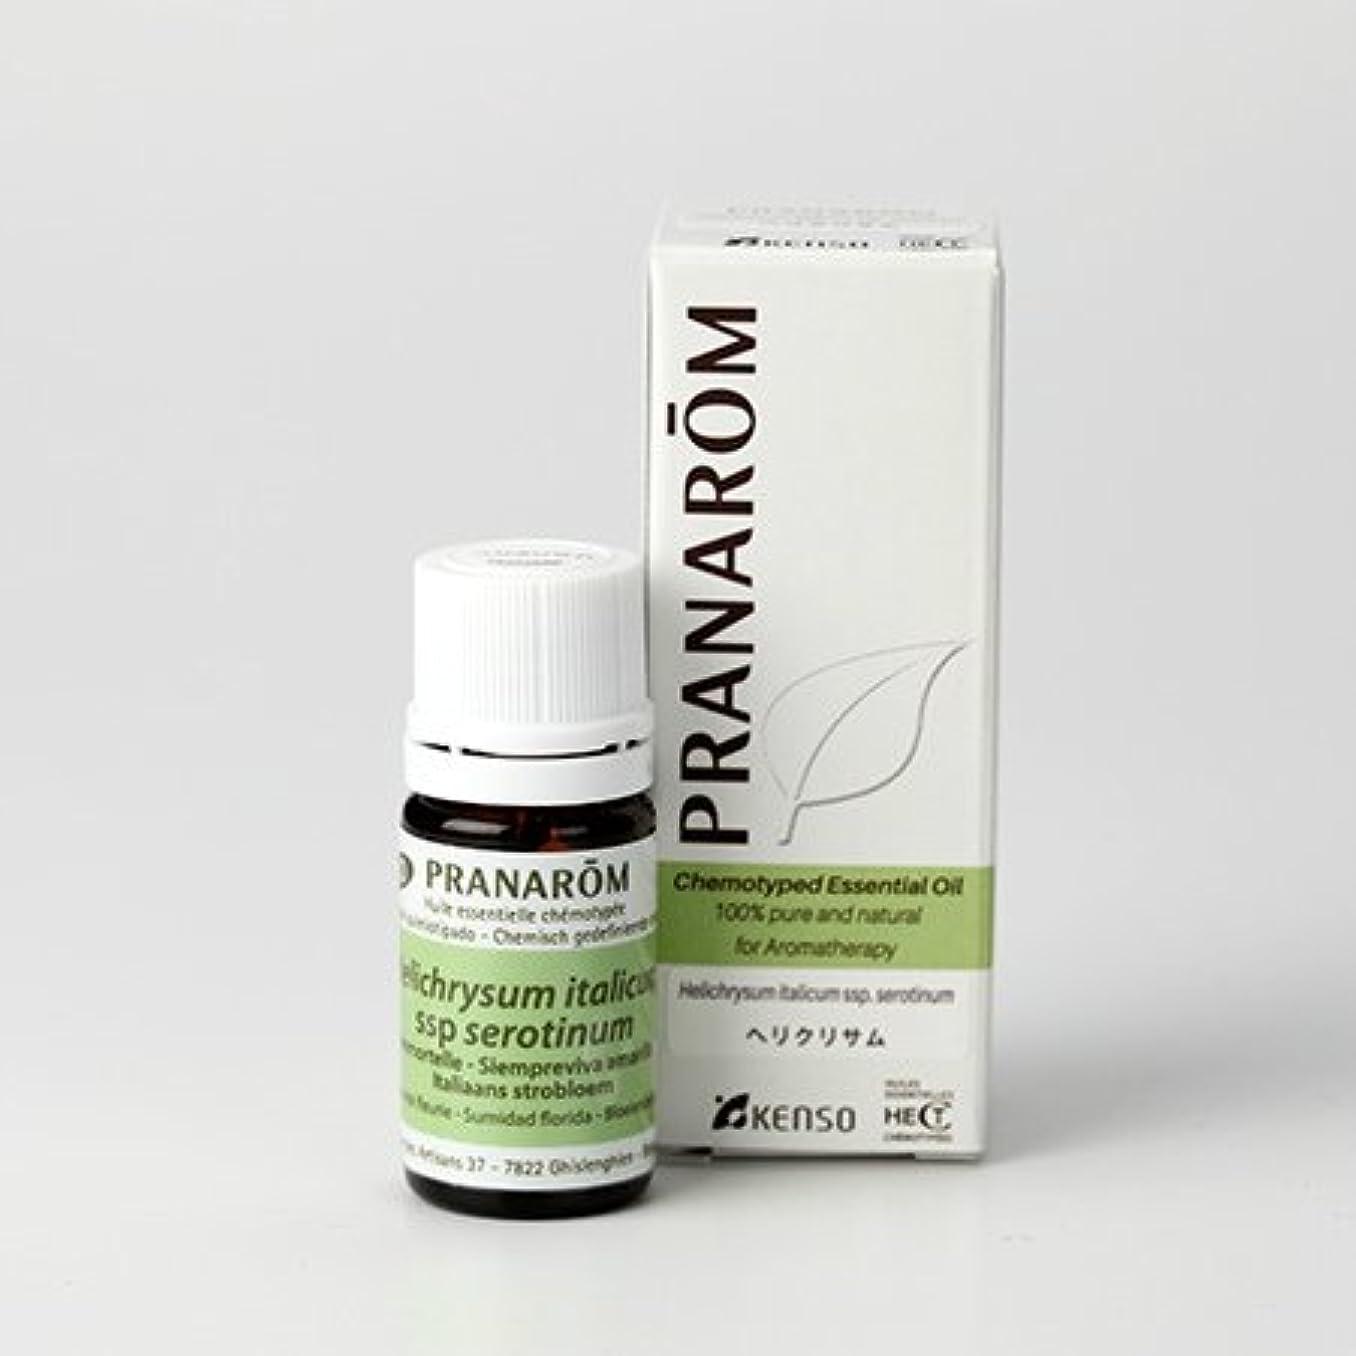 モンク障害ダウンプラナロム ヘリクリサム 5ml (PRANAROM ケモタイプ精油)